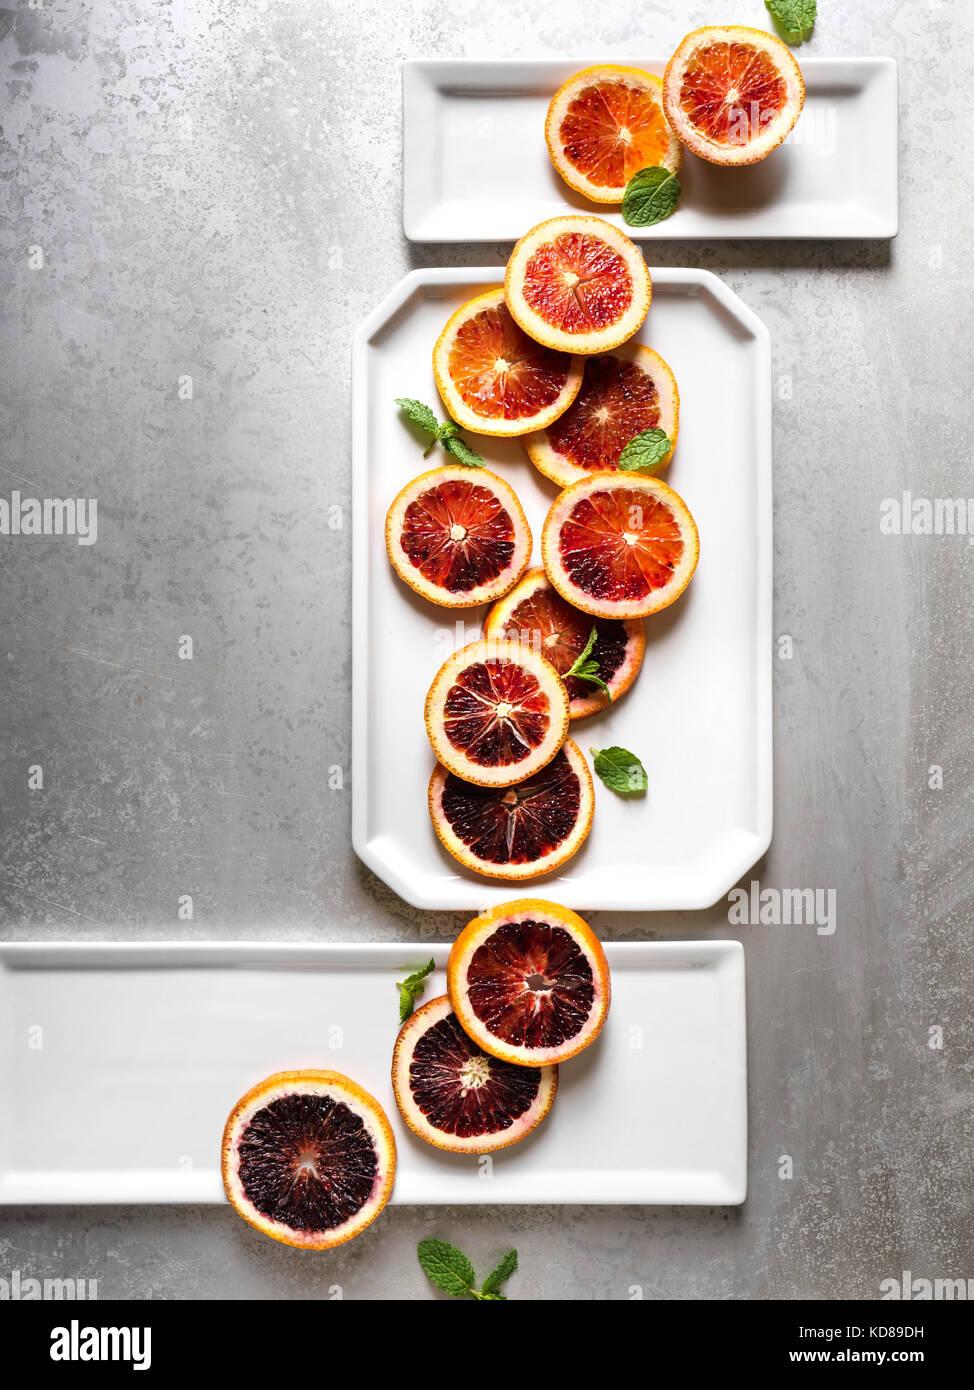 Blut Orangenscheiben im künstlerischen Form über weiße Platten und texturierte Oberfläche aus Stockbild